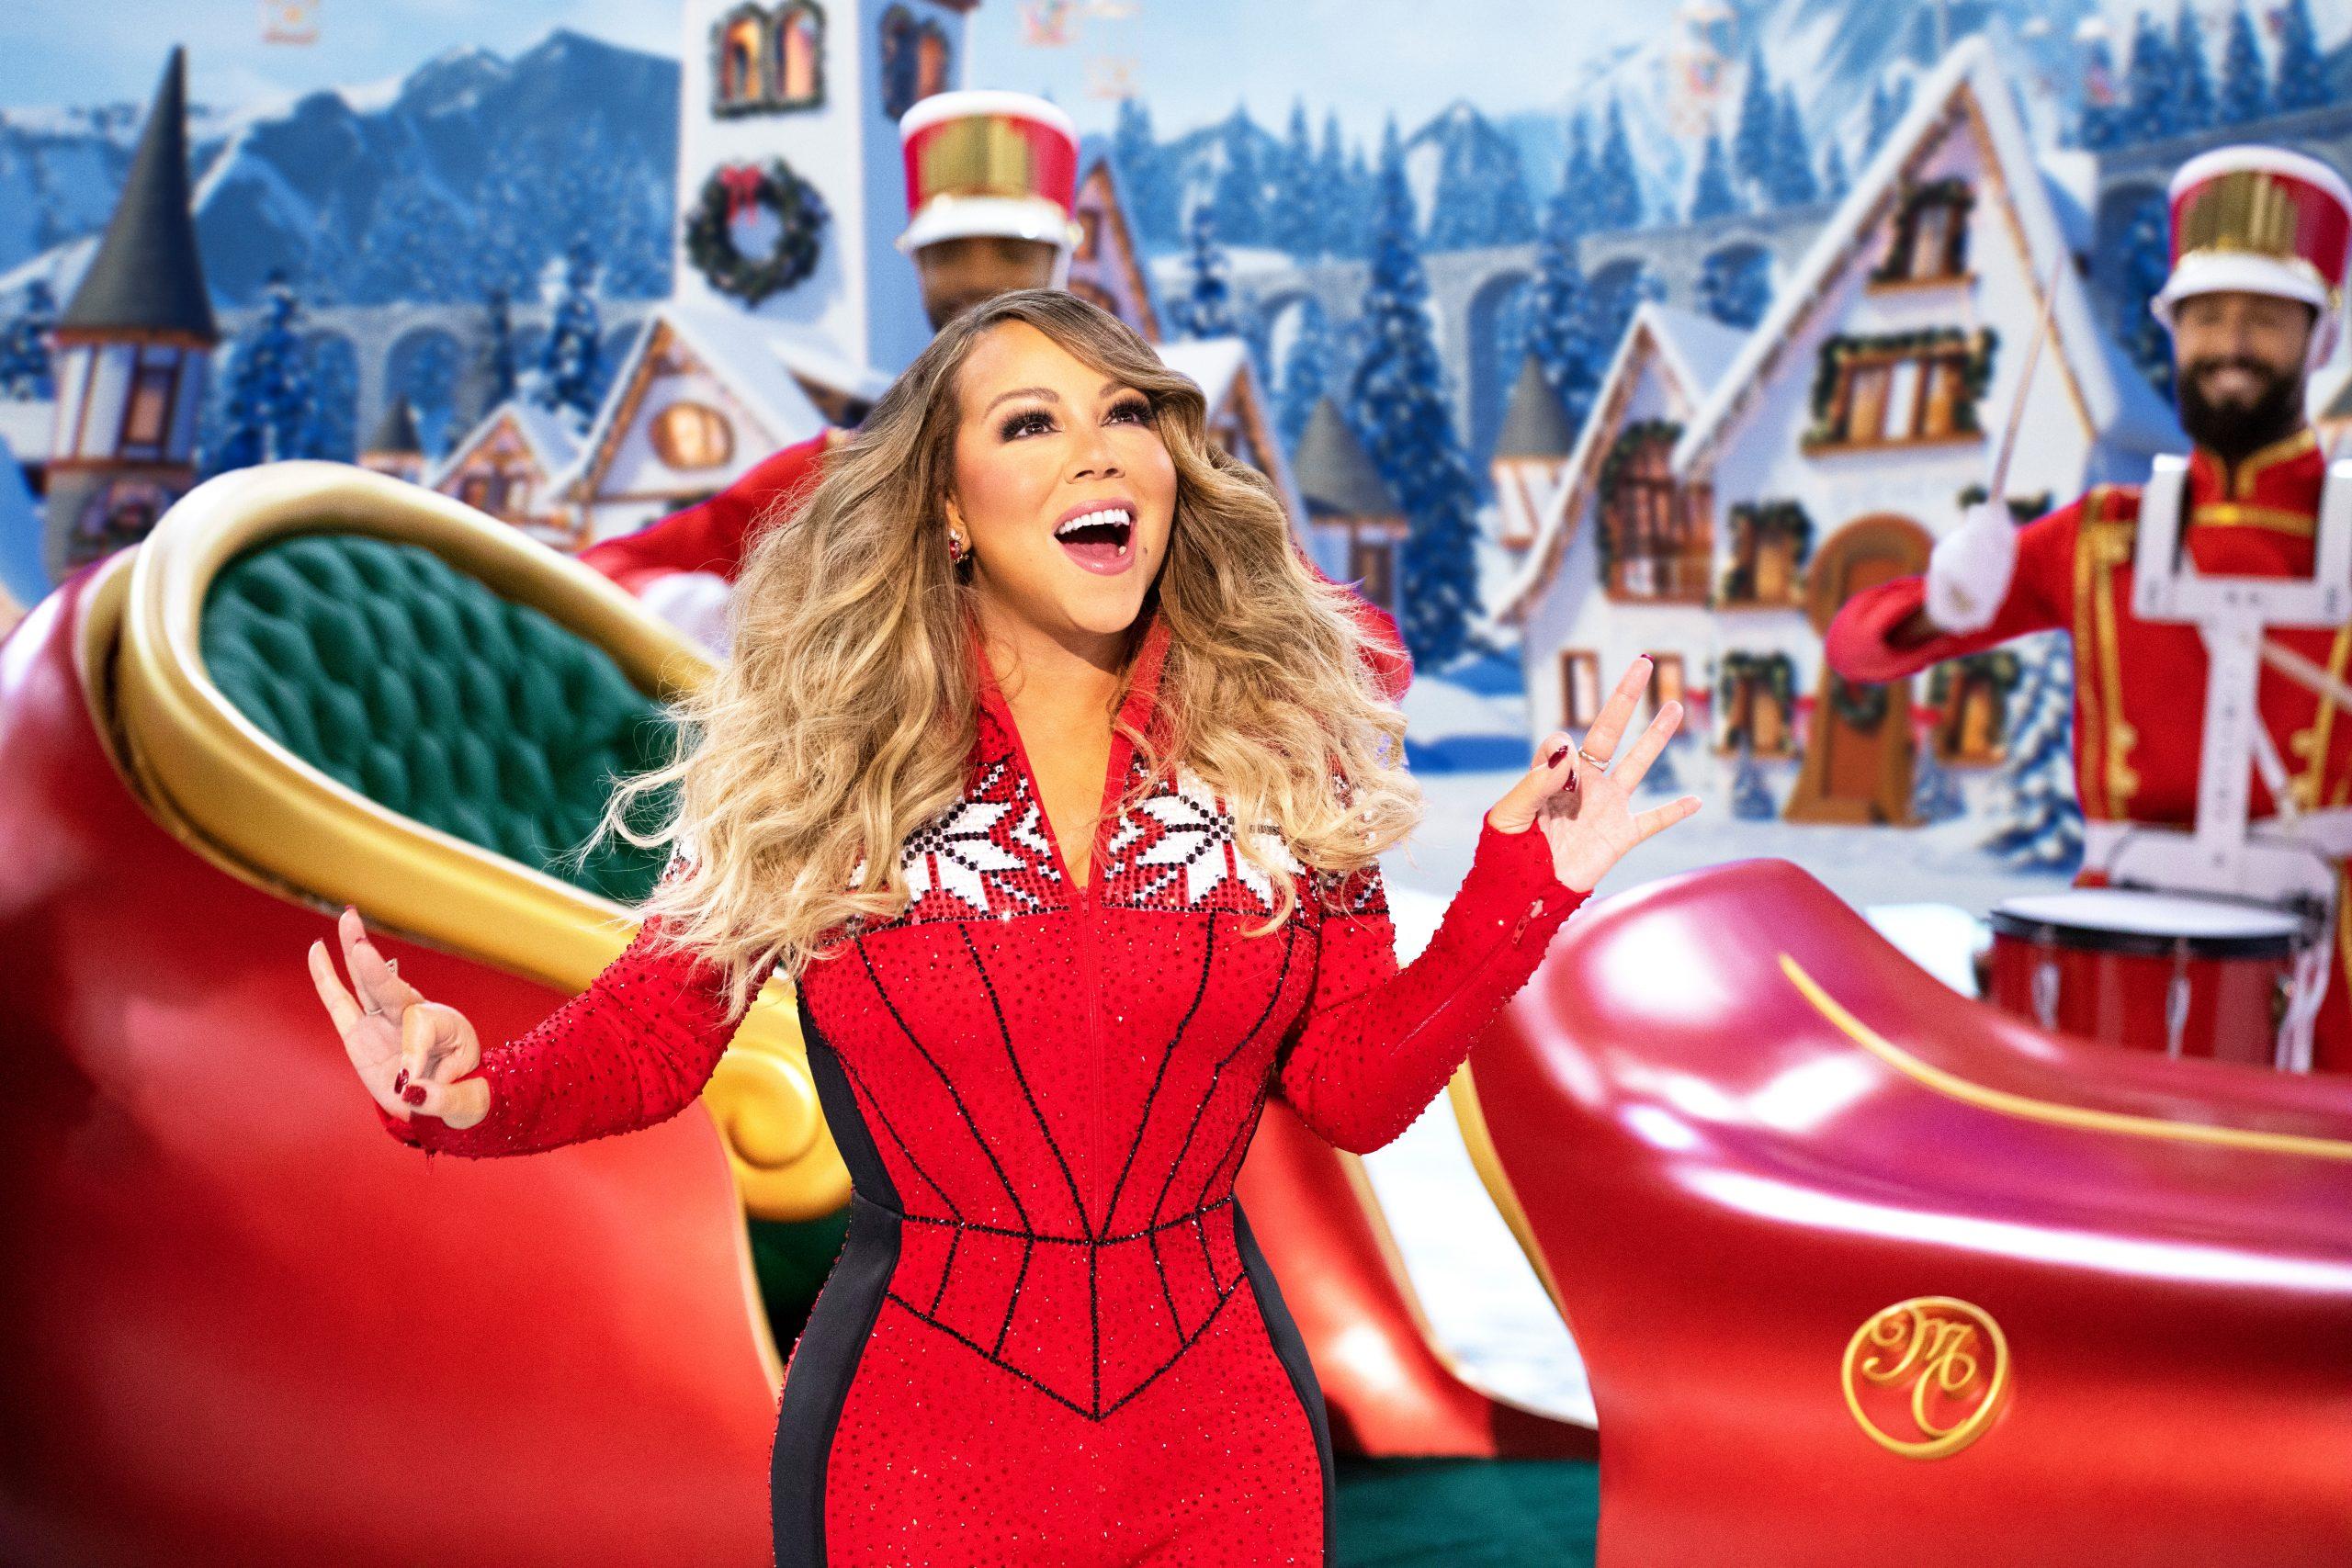 Mariah Carey no especial Mariah Carey's Magical Christmas Special Foto: Apple Imprensa